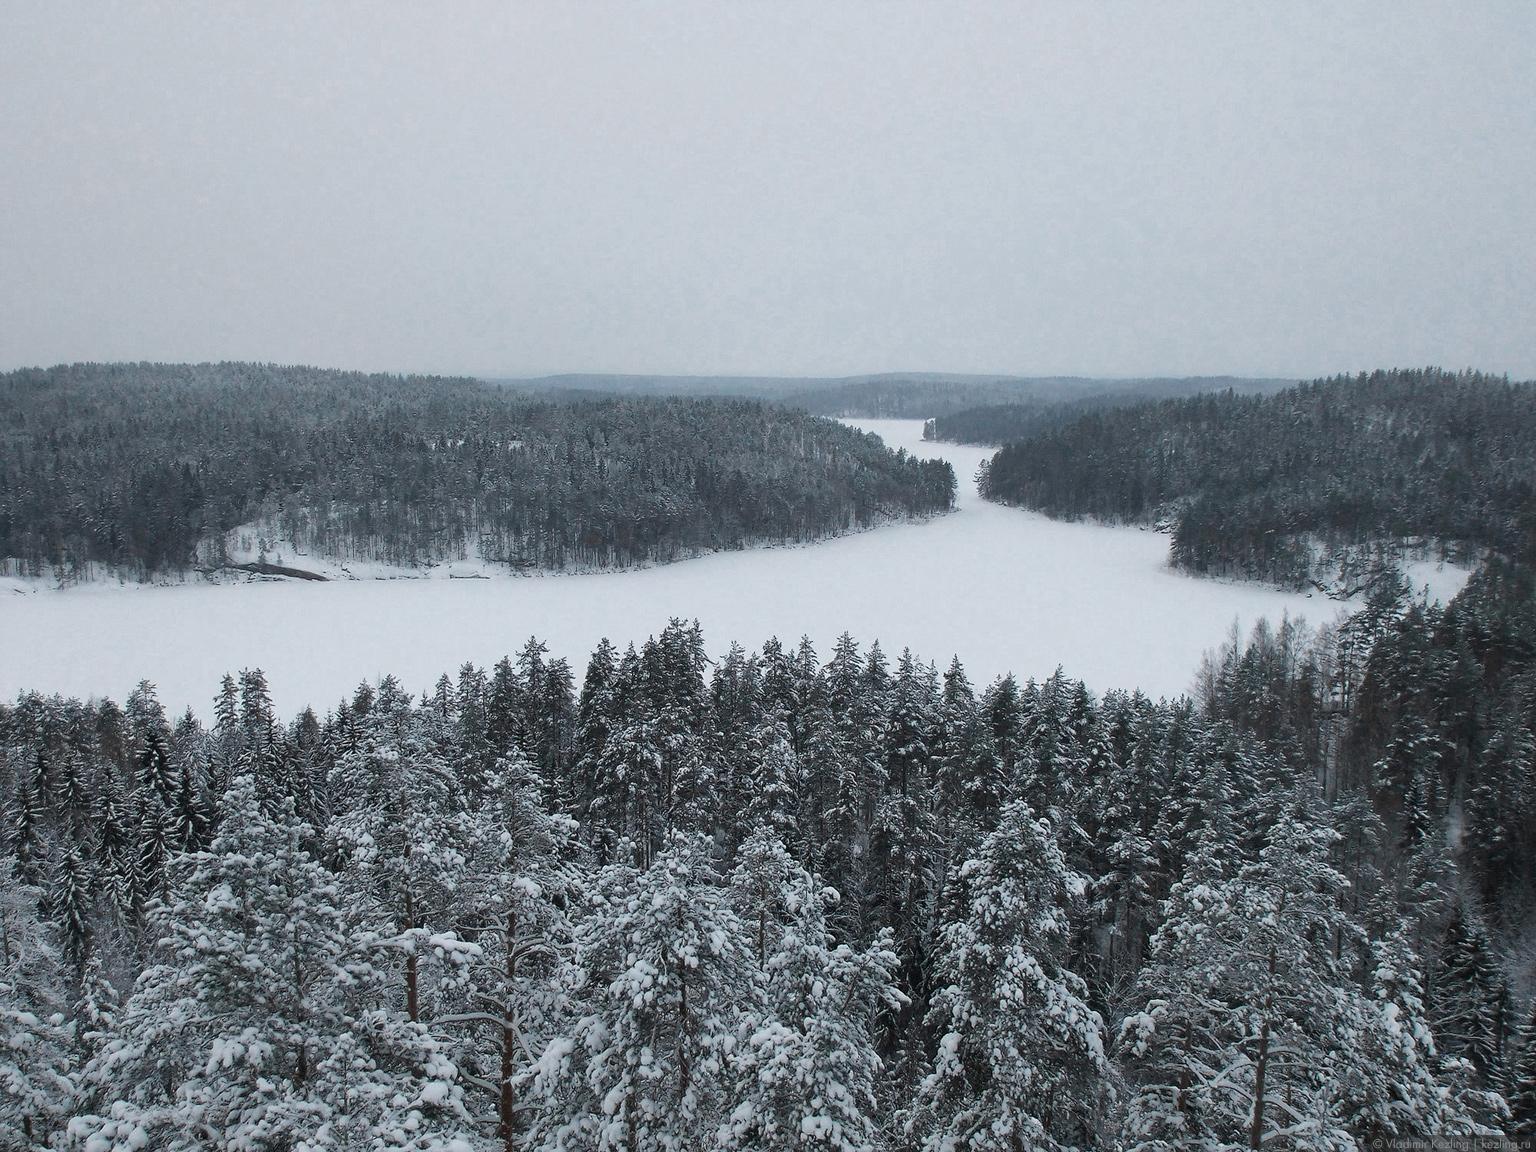 Финские уикенды — 2. Национальный парк «Реповеси» зимой. Северная часть